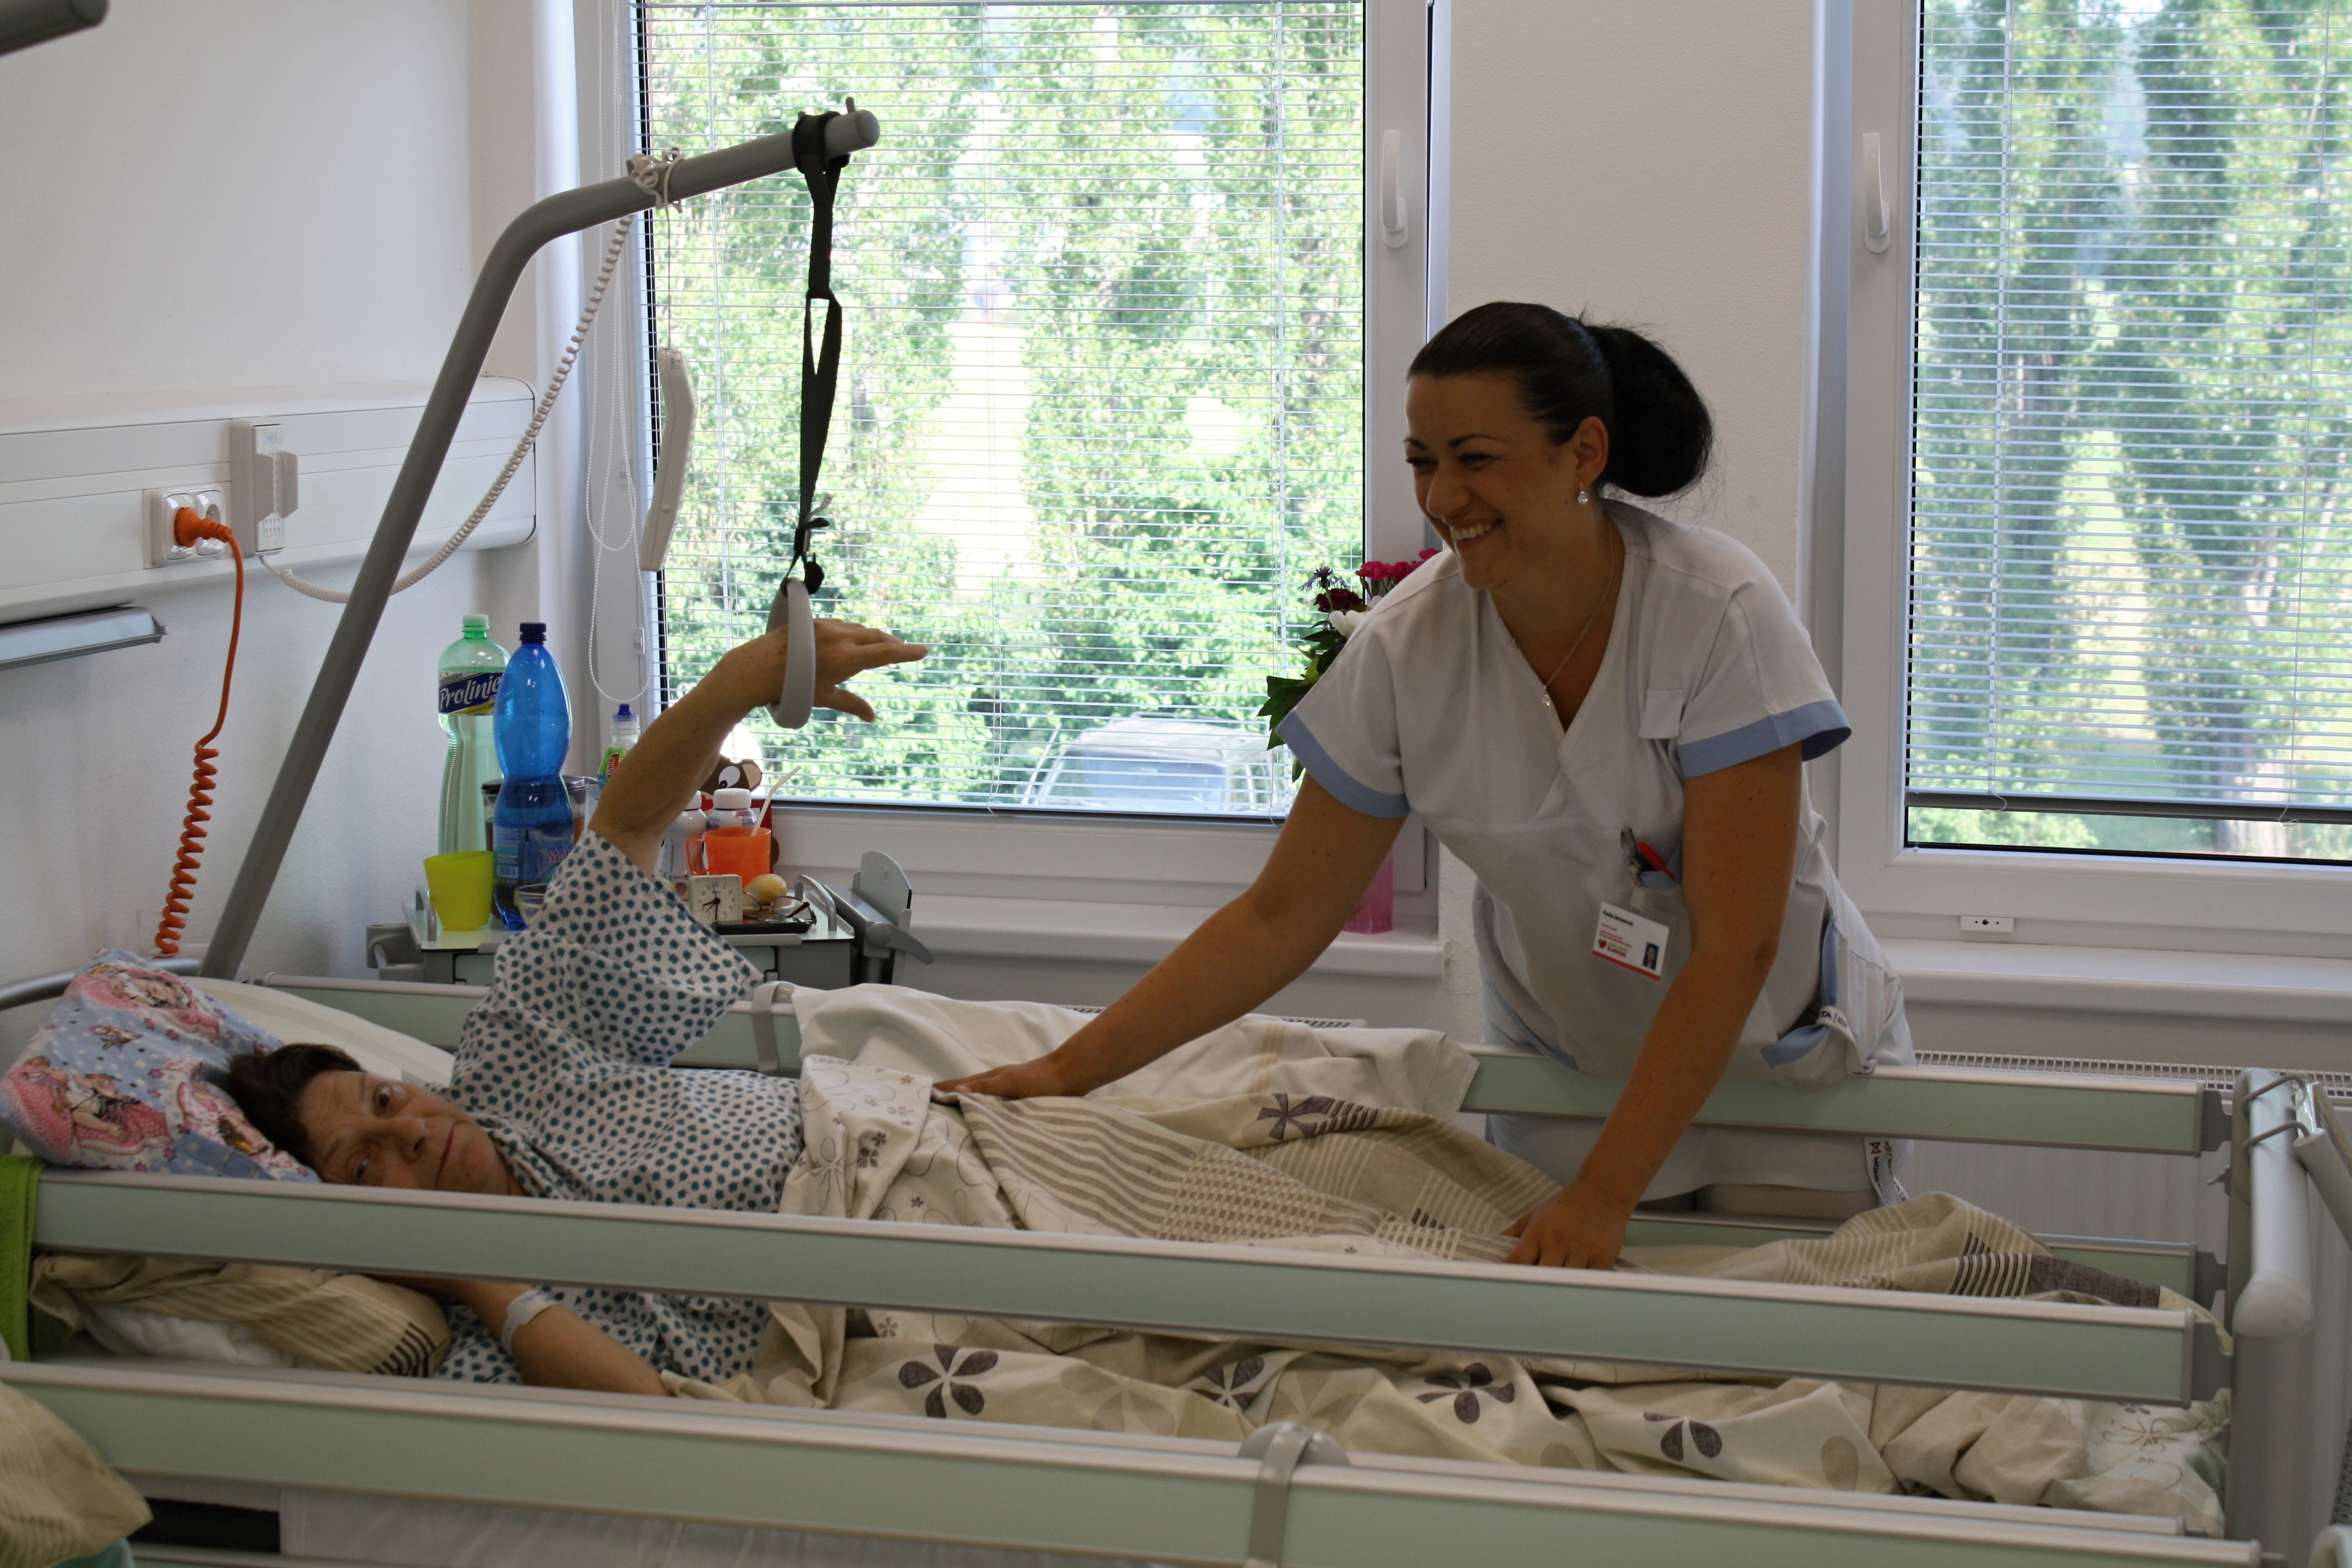 Nová lůžka jsou bezpečnější a pro pacienty mnohem pohodlnější. Nemocnici vyšly na jeden milion korun Foto: NŠ - Tereza Bulková